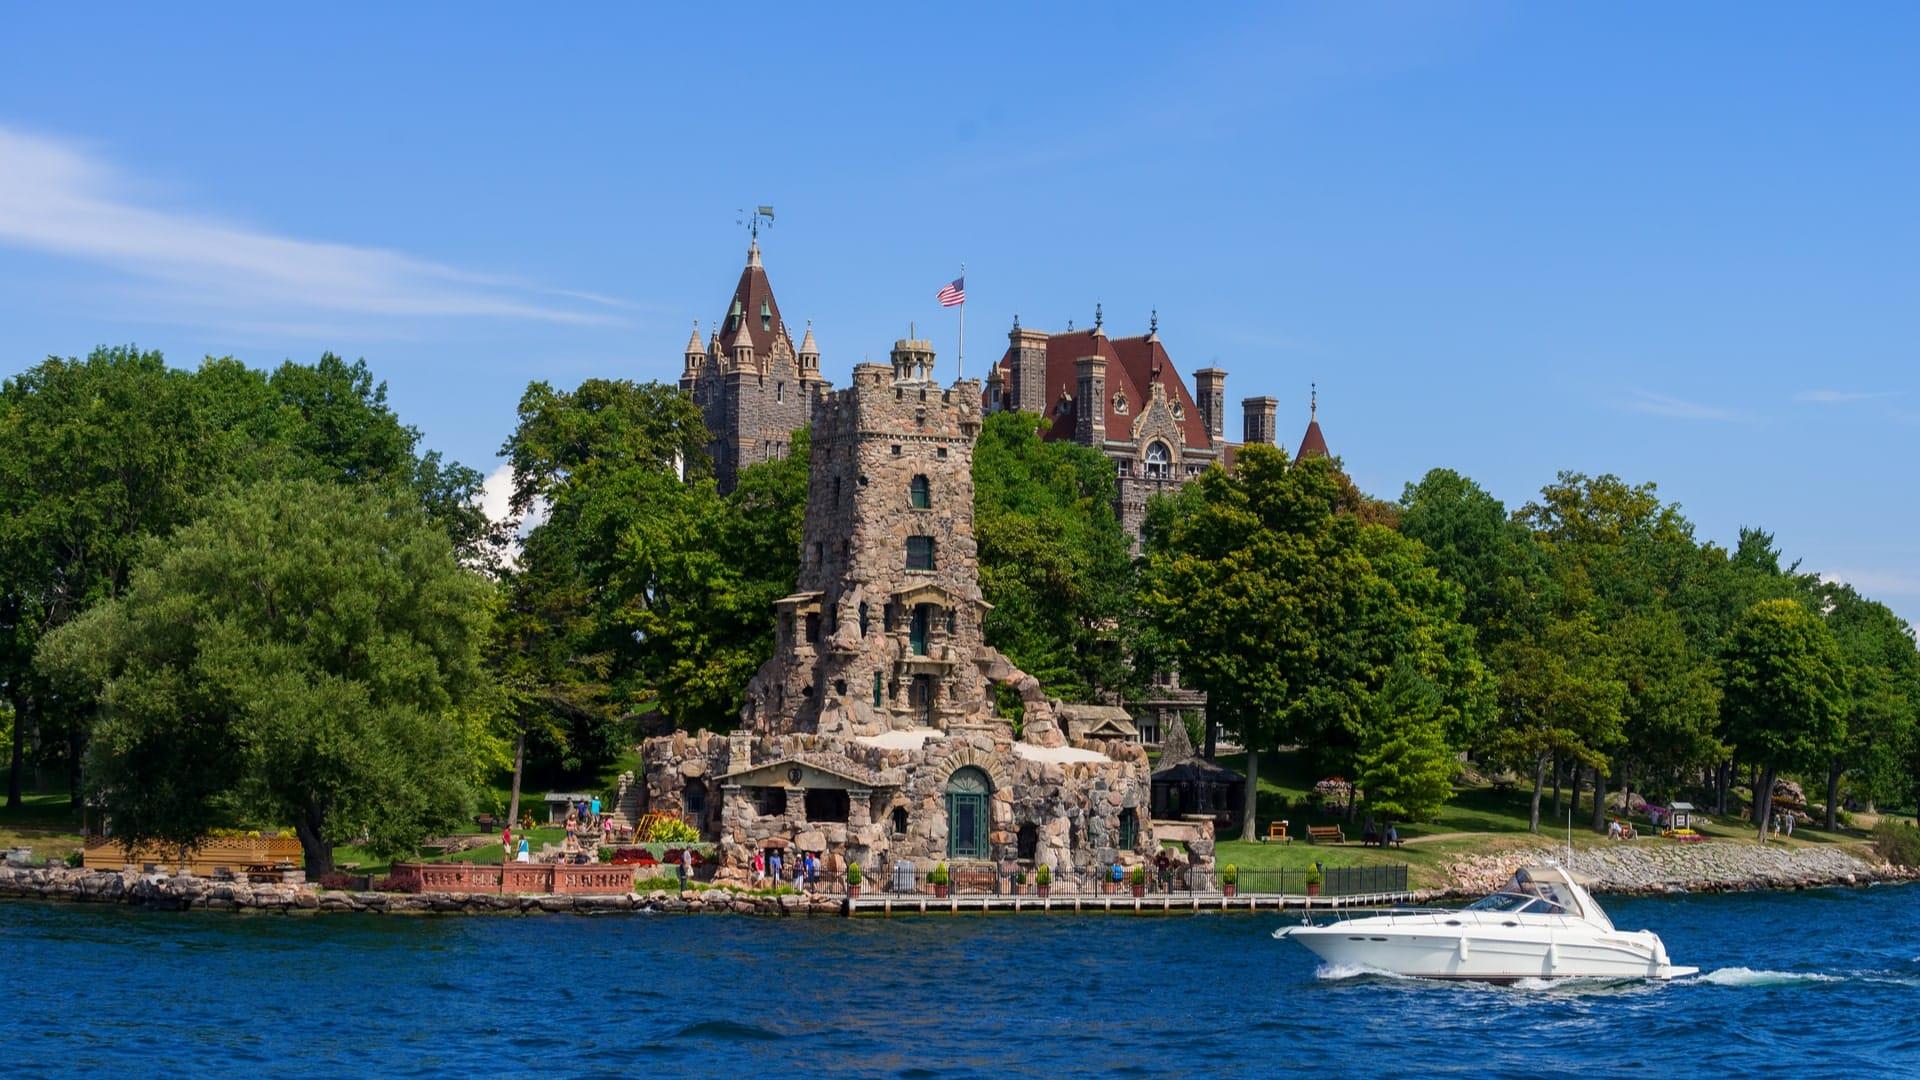 Boldt & Singer Castles in the 1000 Islands